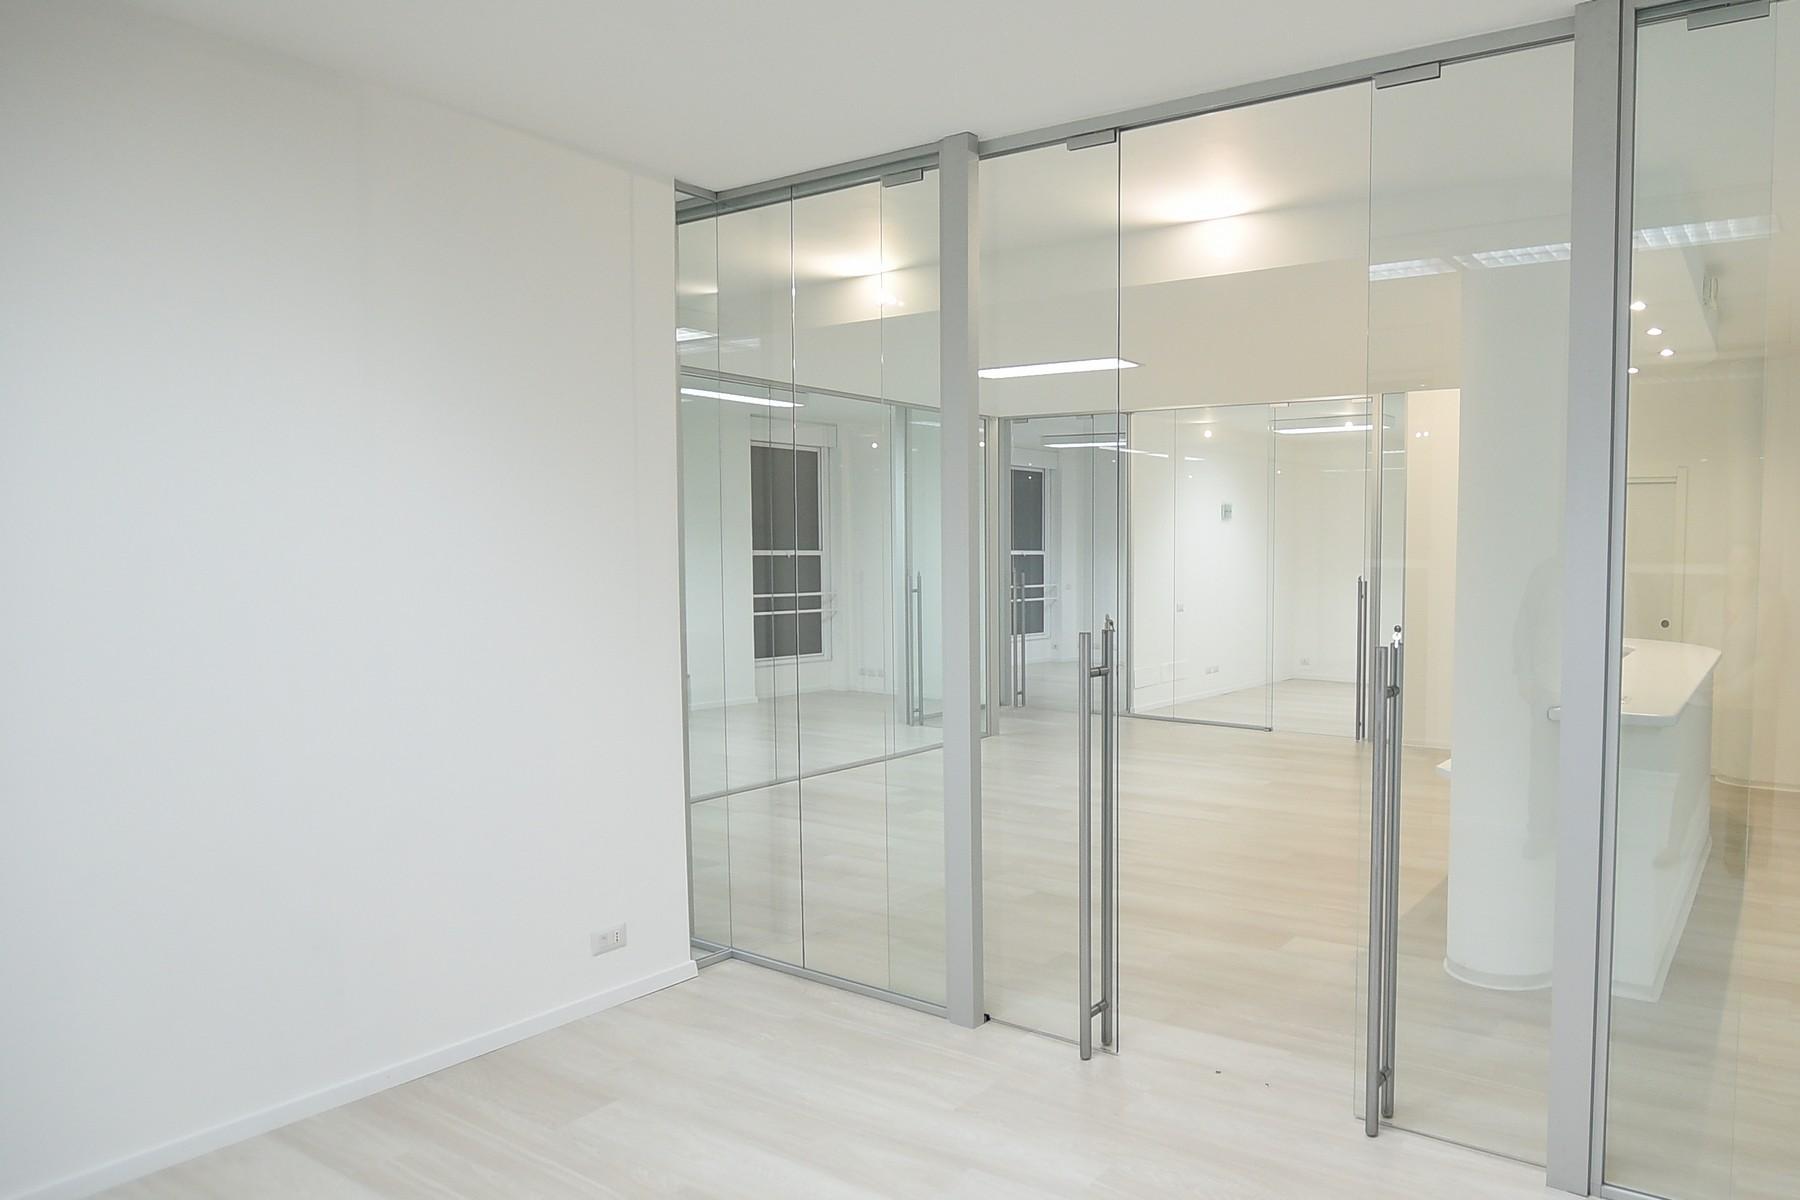 Ufficio-studio in Vendita a Como: 0 locali, 190 mq - Foto 8